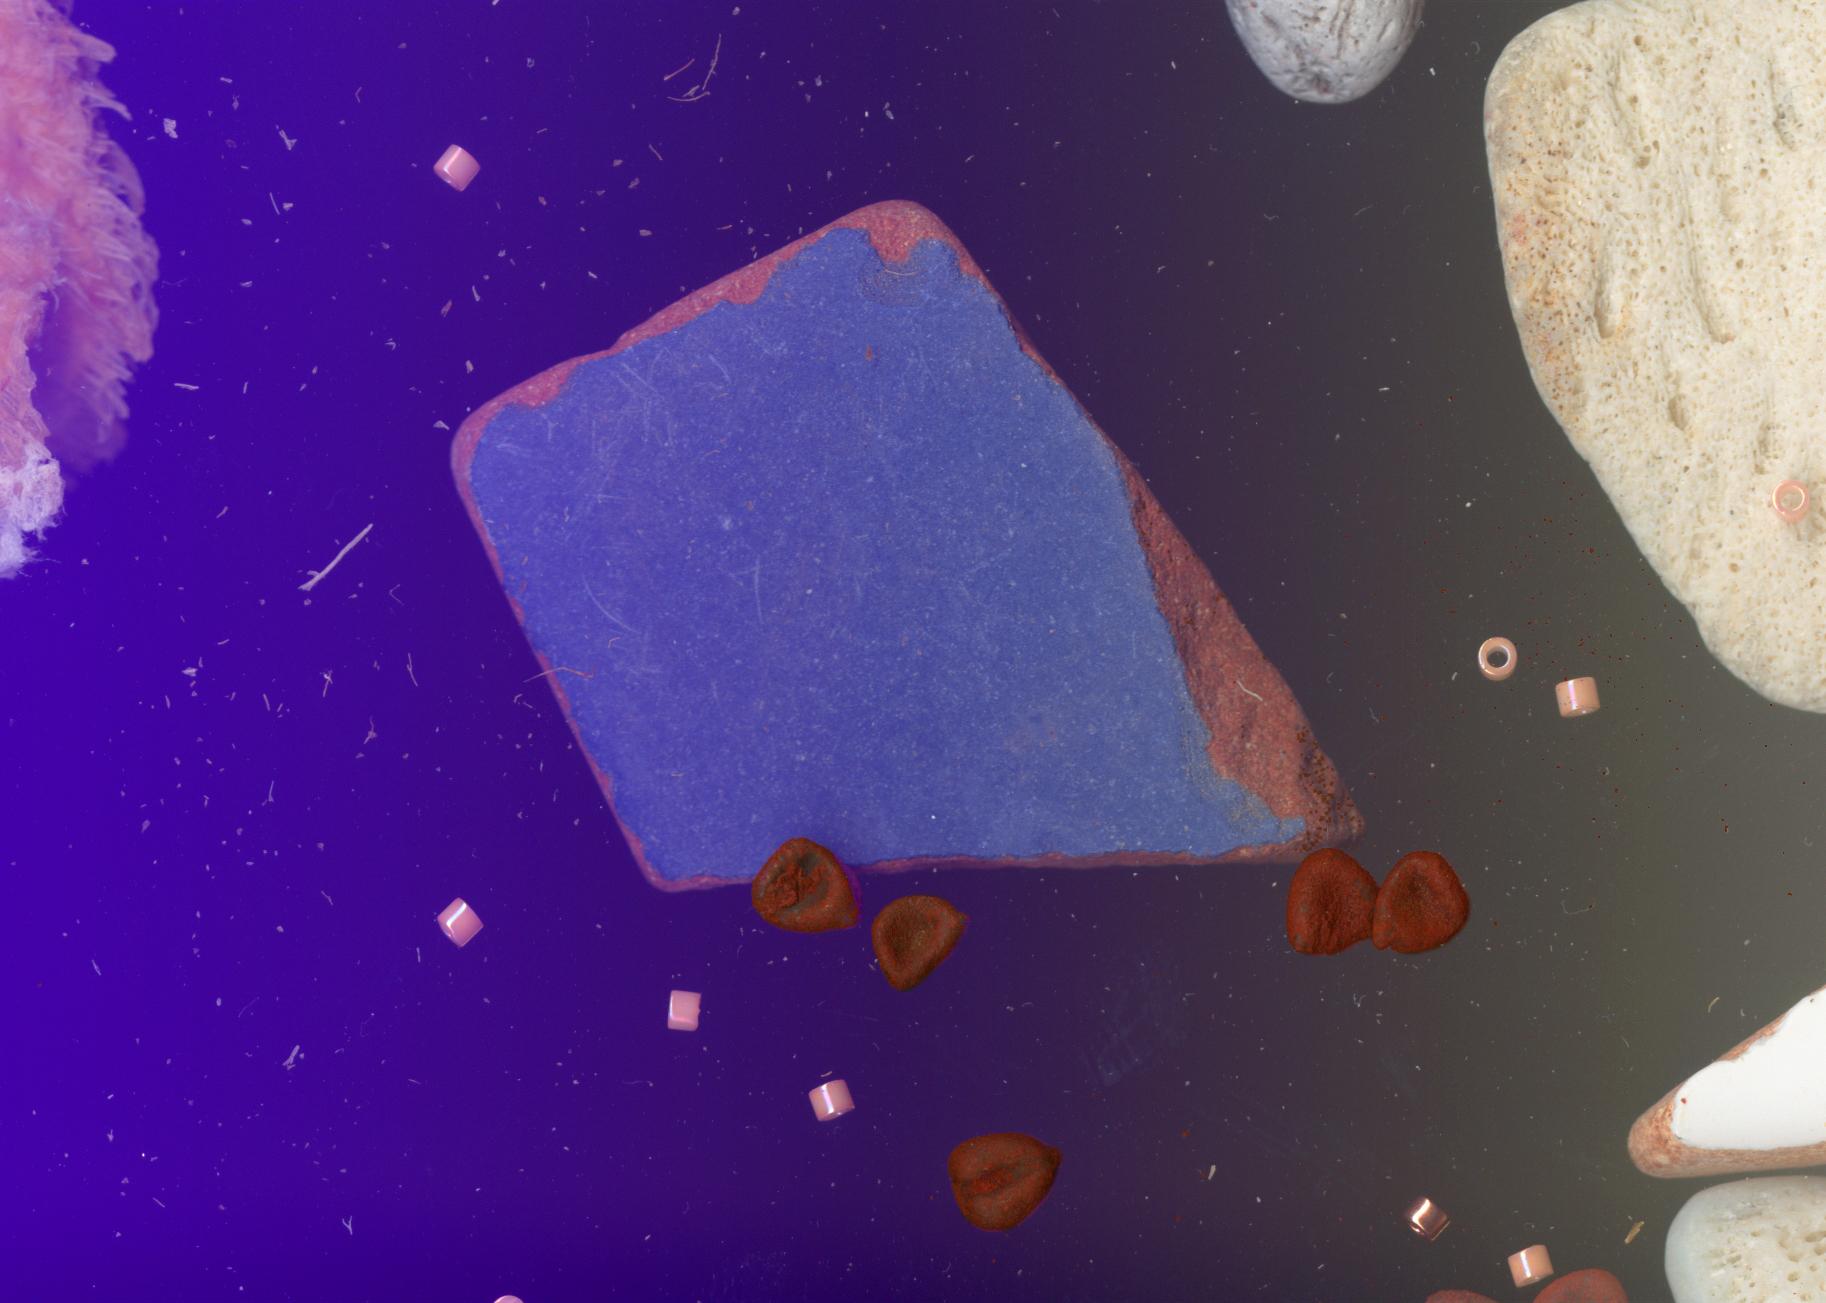 stones debris 29.11.16014crop2cobalt.jpg